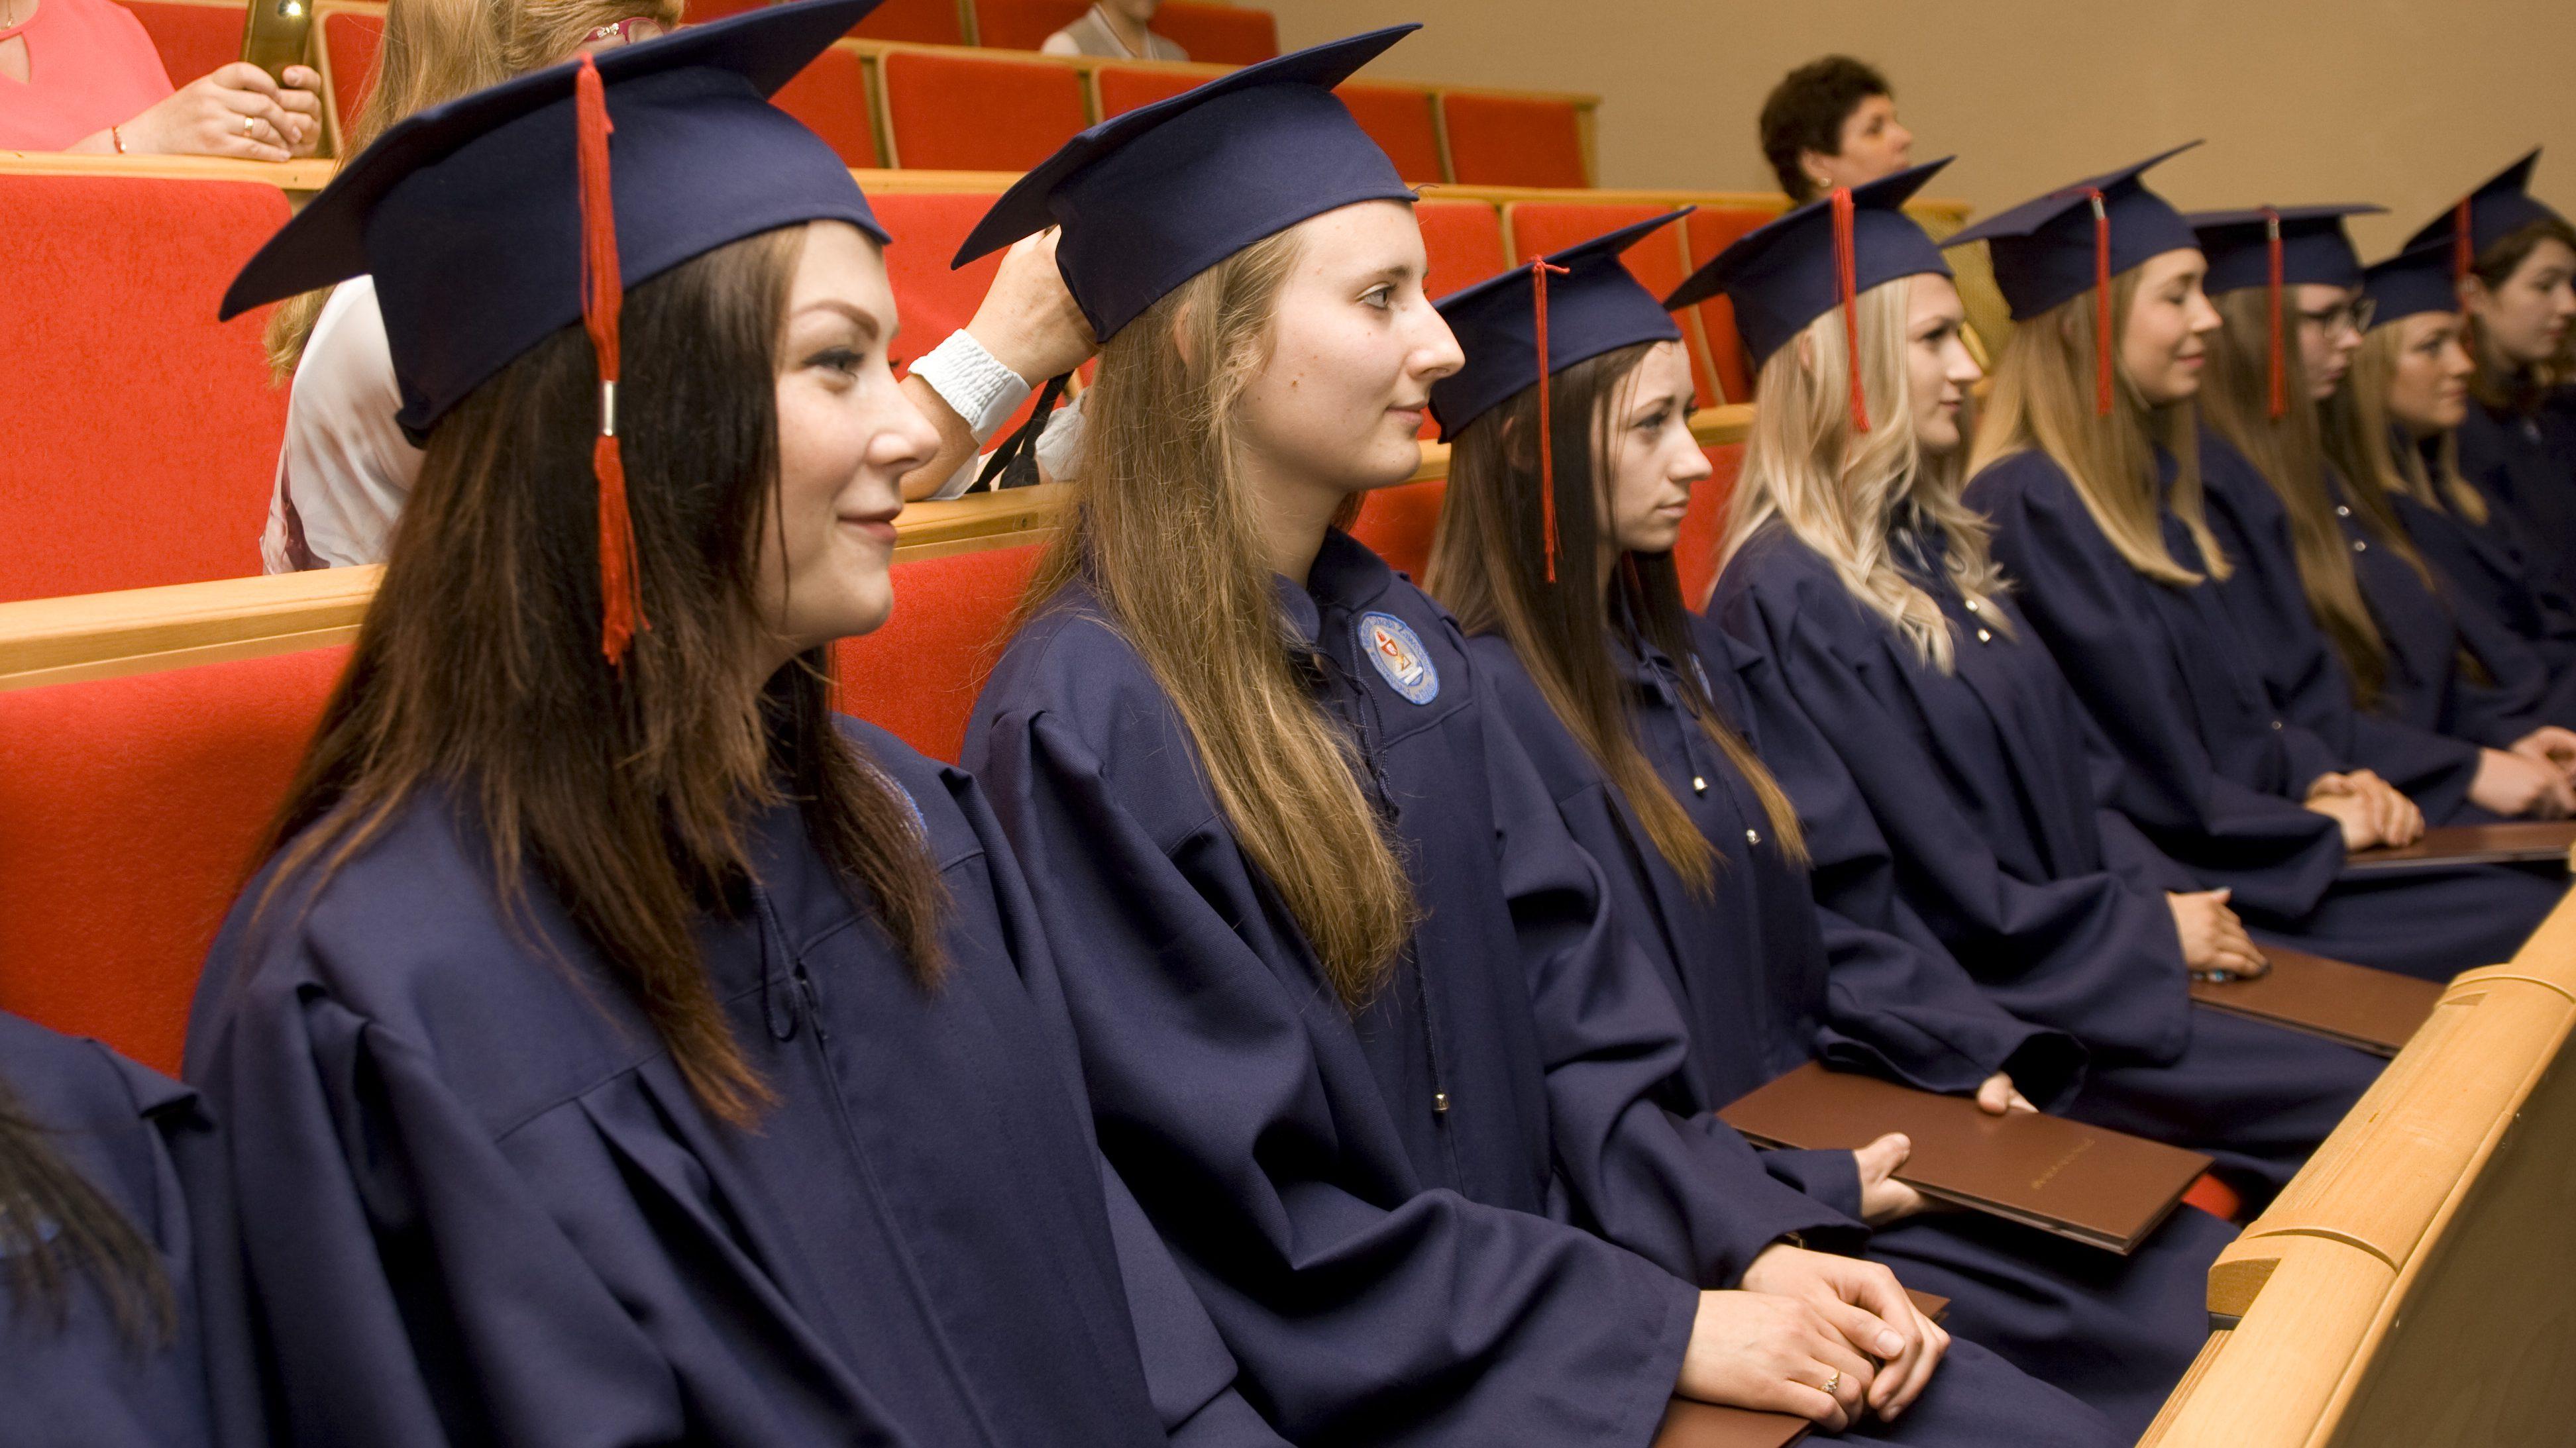 Wręczono dyplomy magisterskie w PWSZ w Elblągu